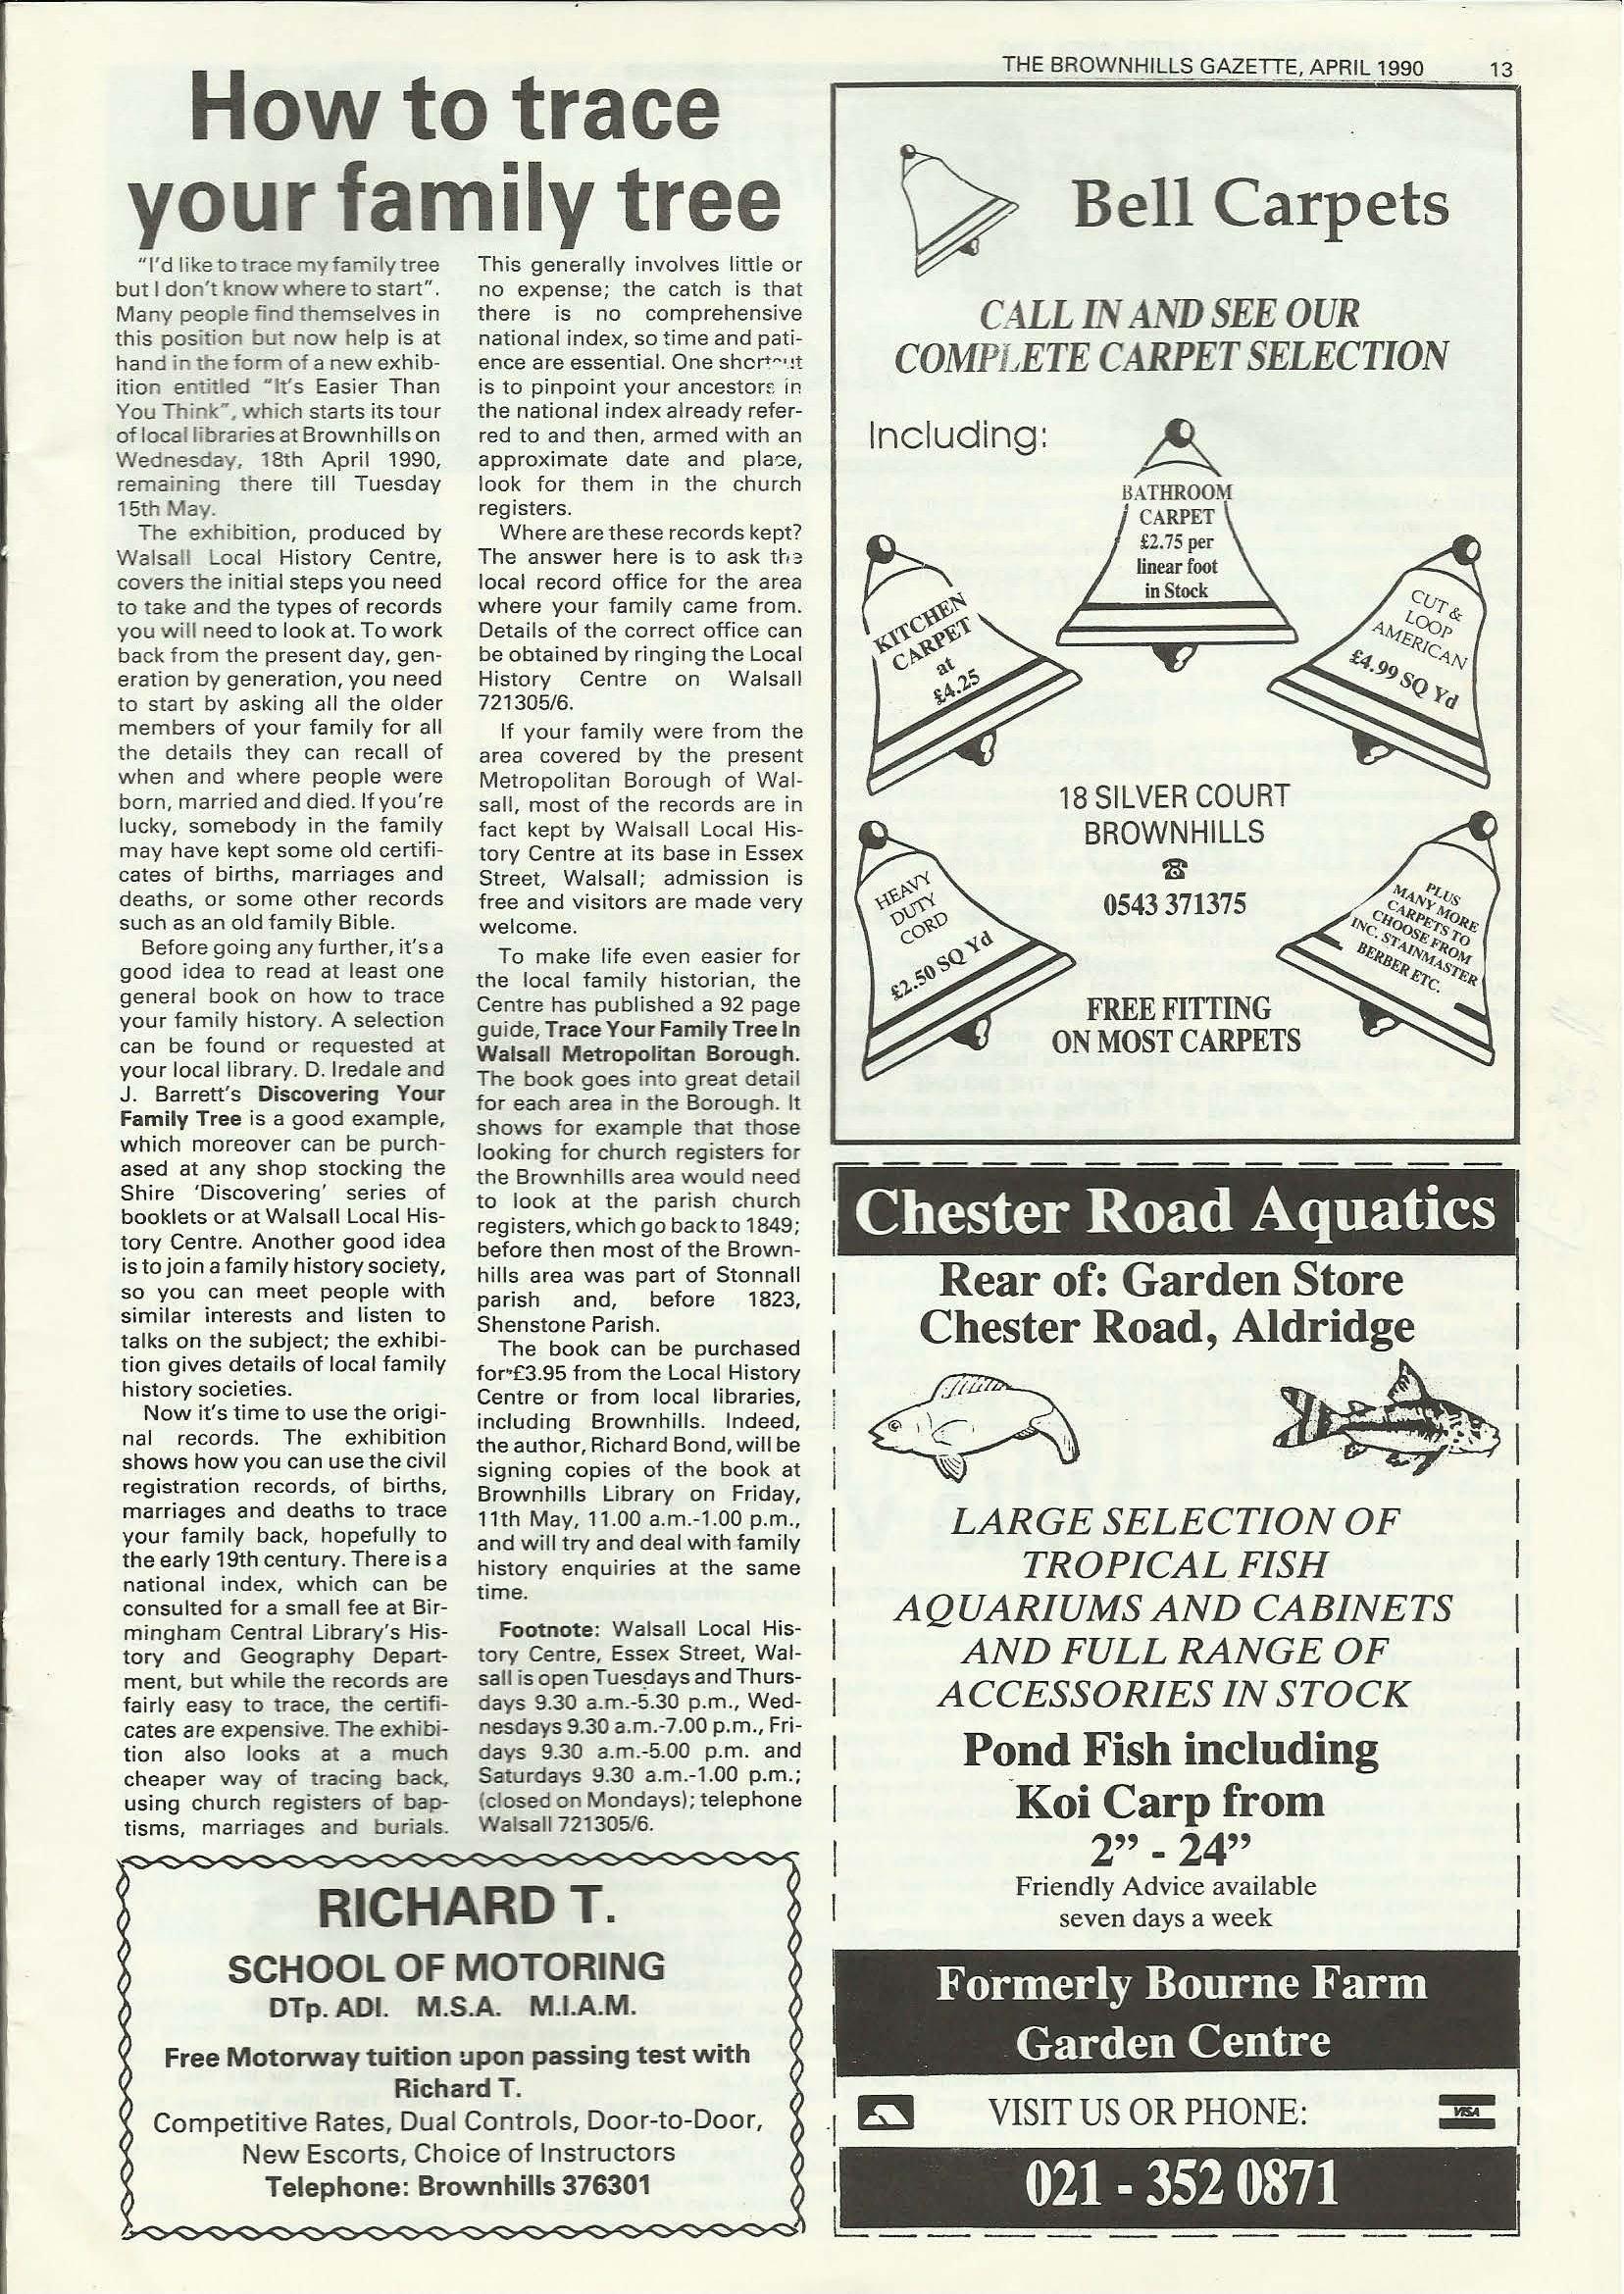 Brownhills Gazette April 1990 issue 7_000013